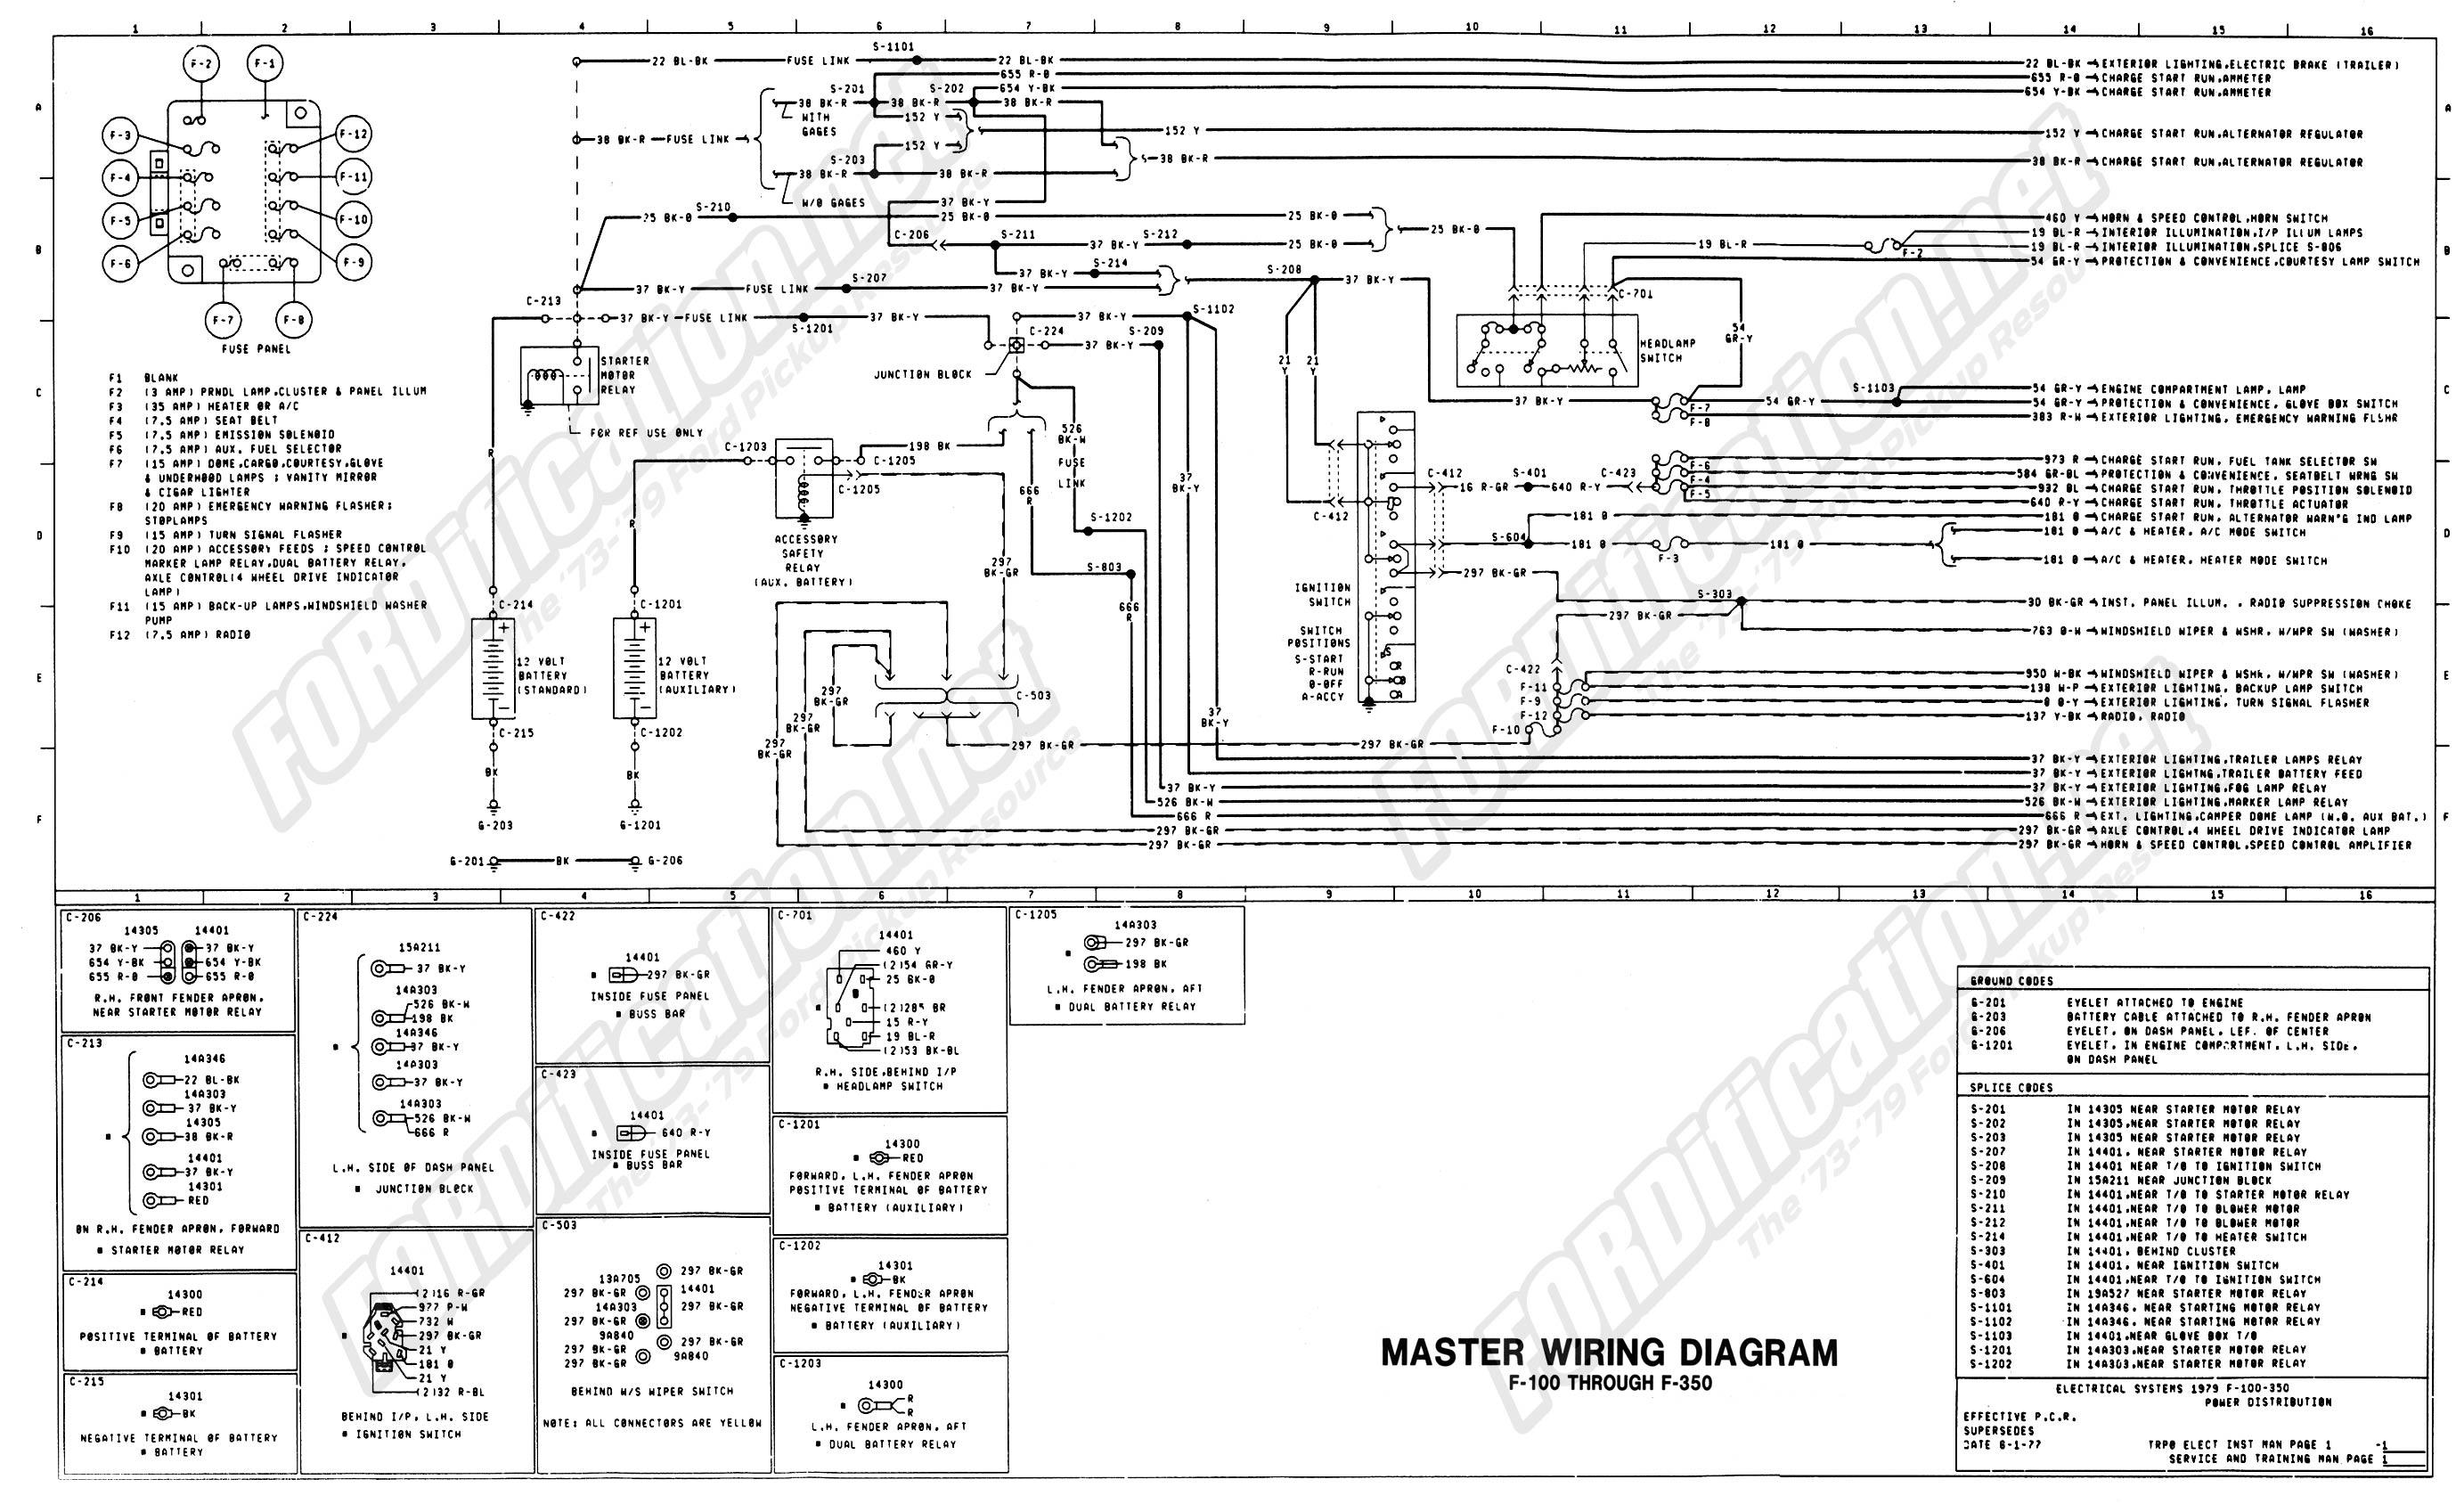 Omci O Wiring   Wiring Diagram  Omc Wiring Diagram on